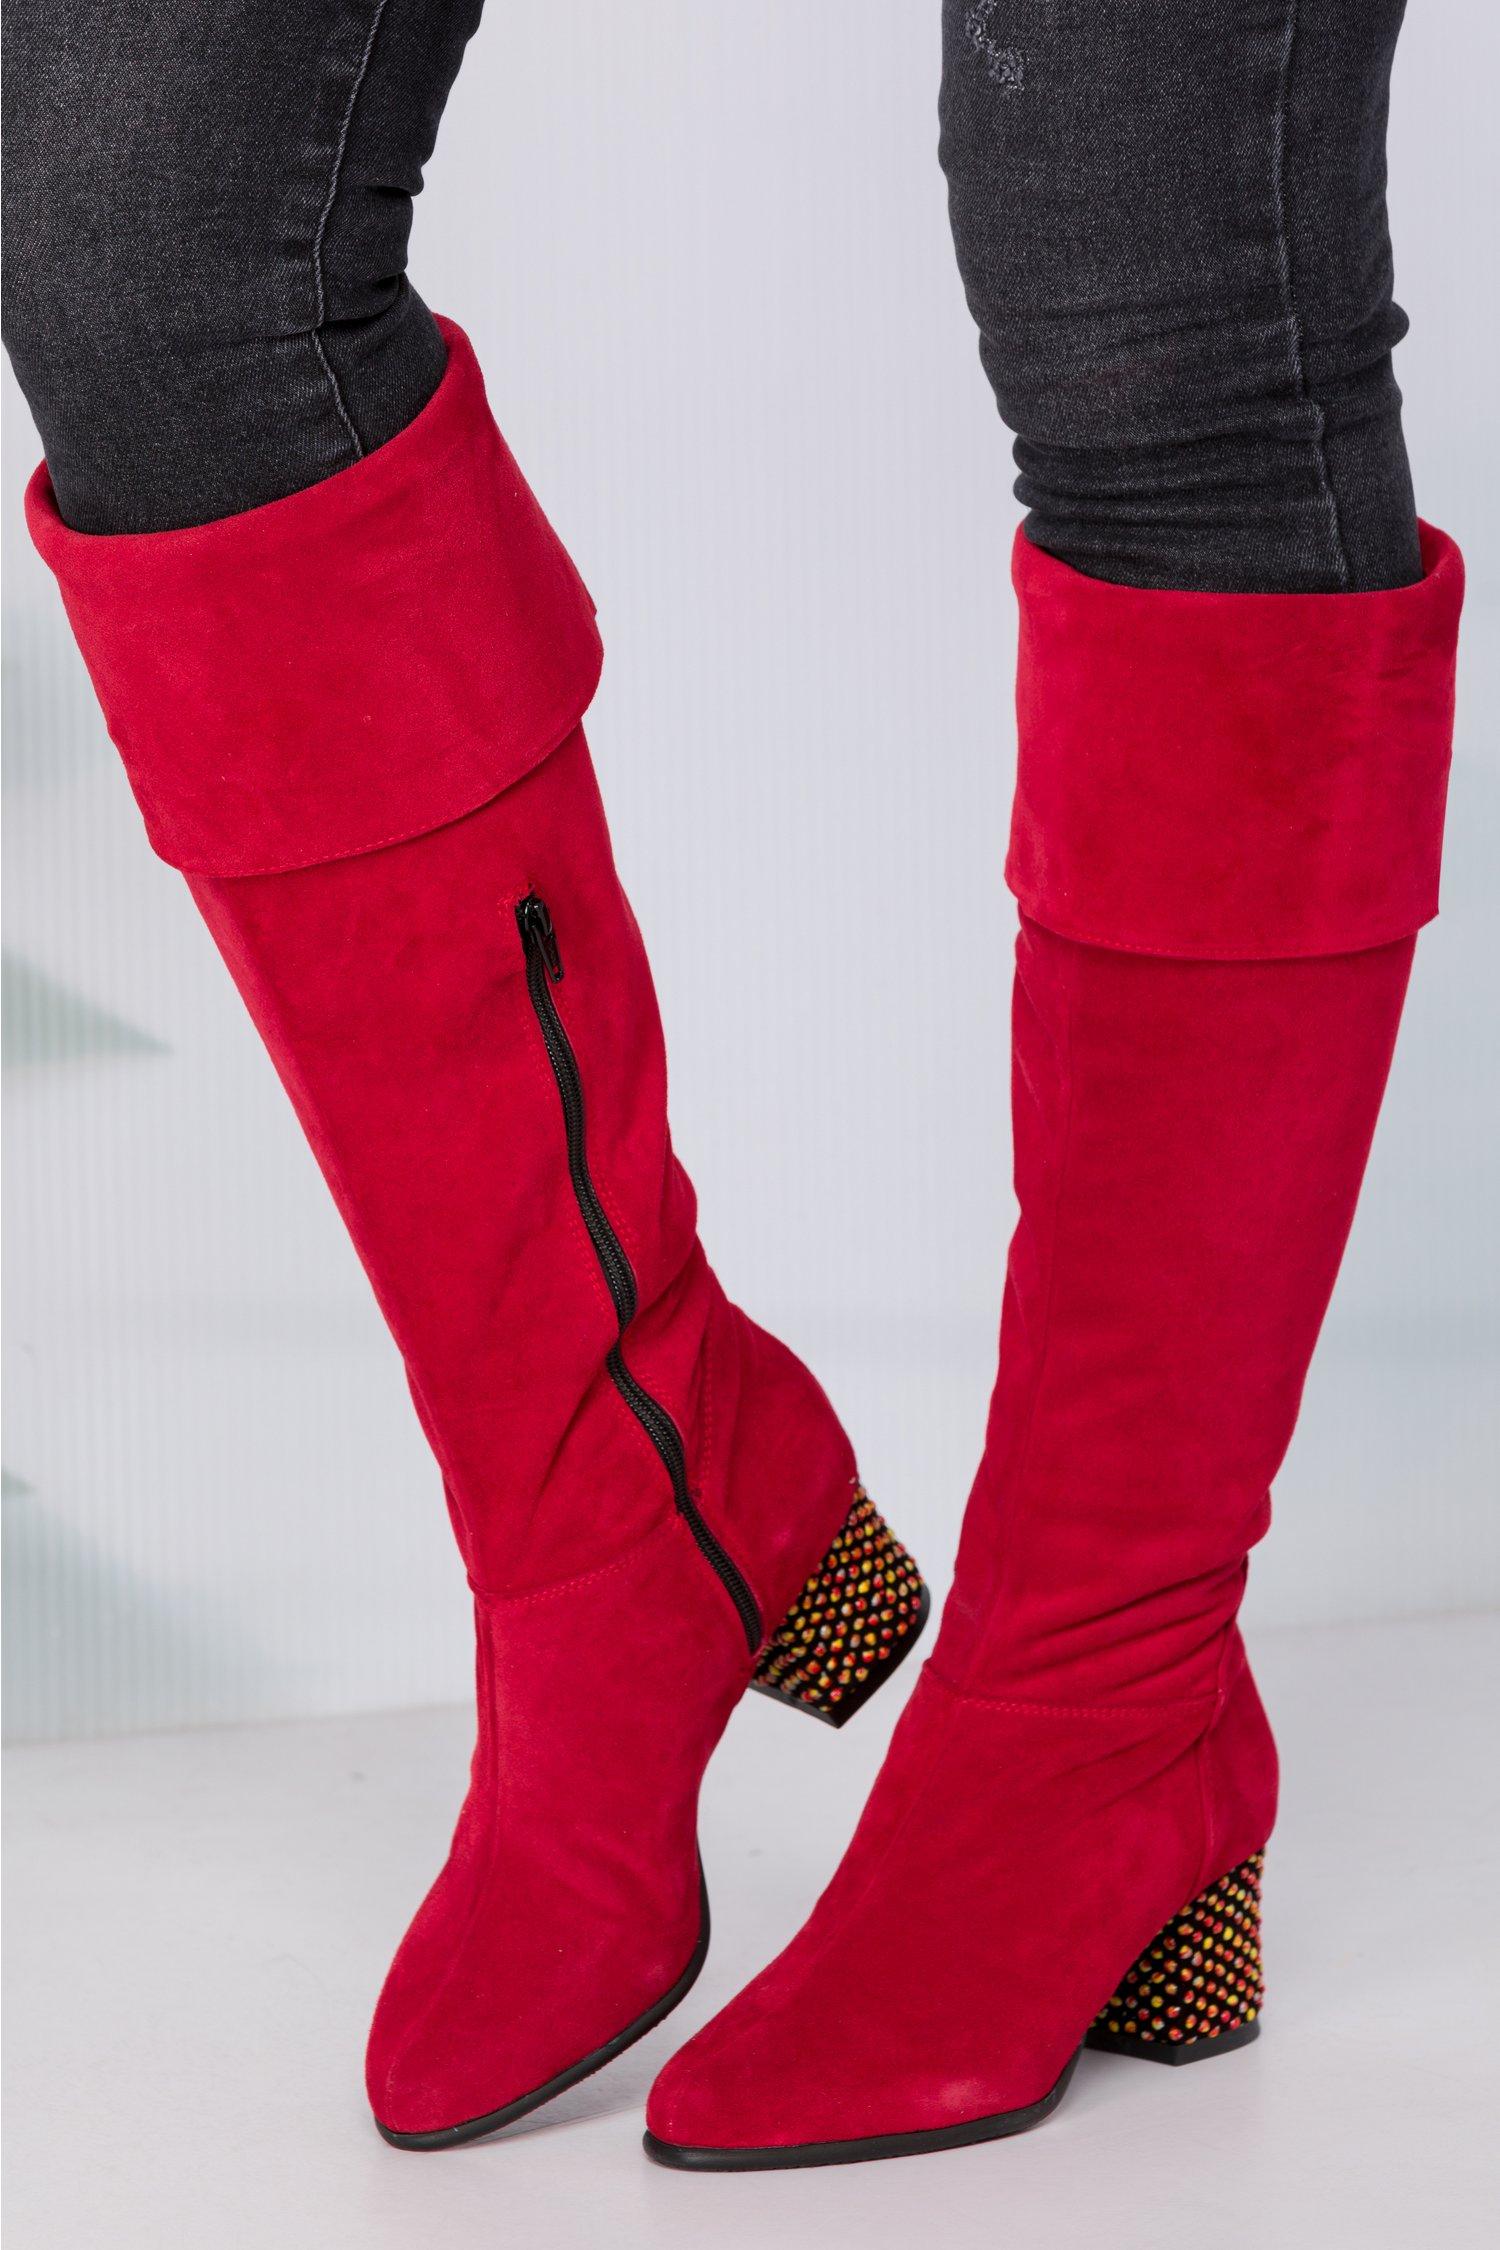 Cizme Paola rosii lungi cu buline reliefate pe toc